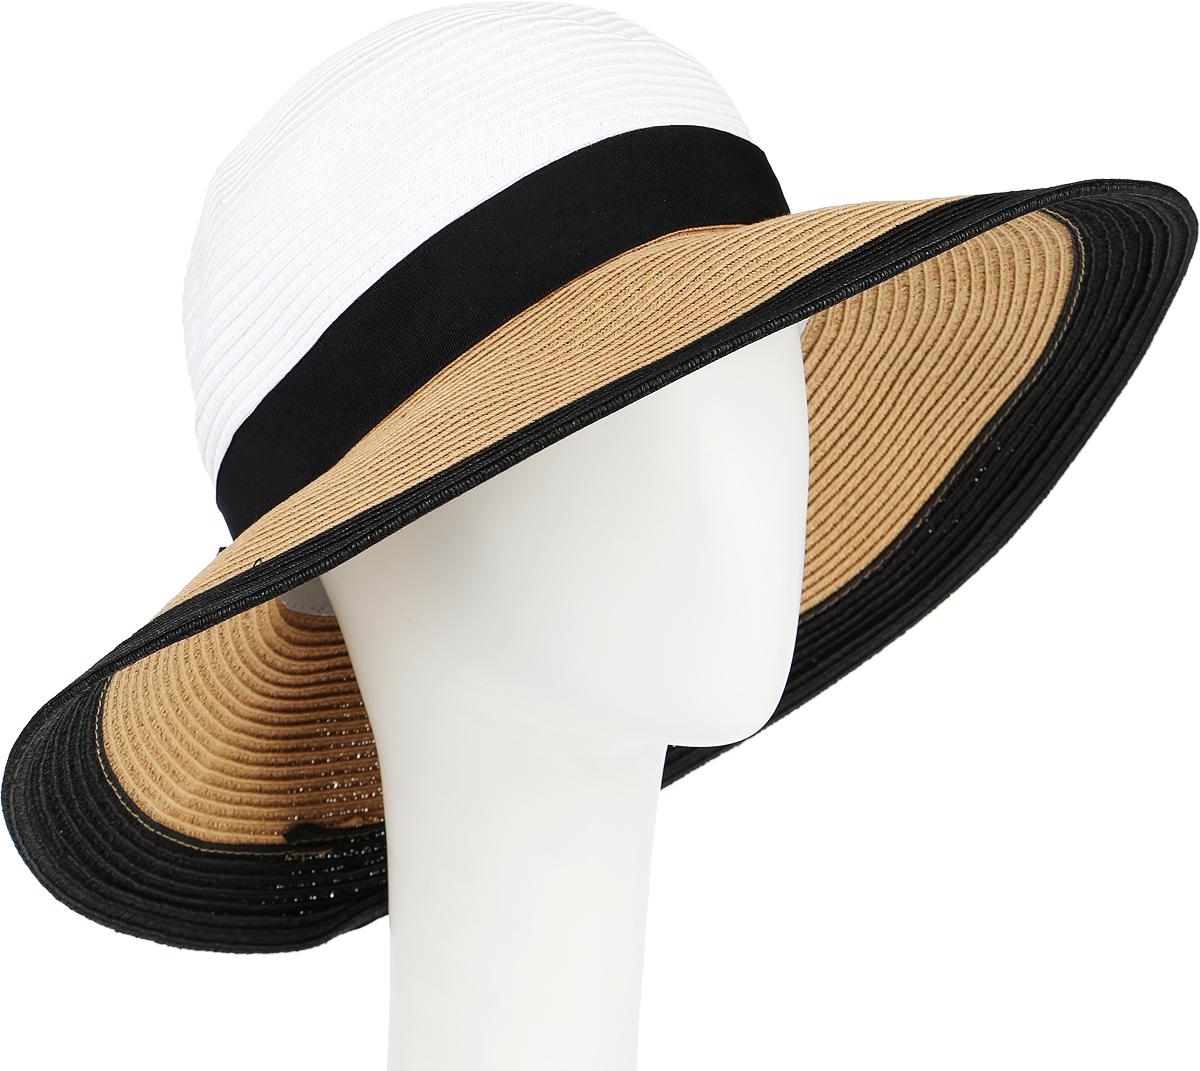 Шляпа женская Canoe Elegance, цвет: белый, черный, песочный. 1966133. Размер 561966133Очаровательная летняя шляпа Canoe Elegance, выполненная из искусственной соломы и прочного полиэстера, станет незаменимым аксессуаром для пляжа и отдыха на природе. Широкие поля шляпы обеспечат надежную защиту от солнечных лучей.Шляпа оформлена декоративной лентой с бантом. Плетение шляпы обеспечивает необходимую вентиляцию и комфорт даже в самый знойный день. Шляпа легко восстанавливает свою форму после сжатия.Стильная шляпа с элегантными волнистыми полями подчеркнет вашу неповторимость и дополнит ваш повседневный образ.